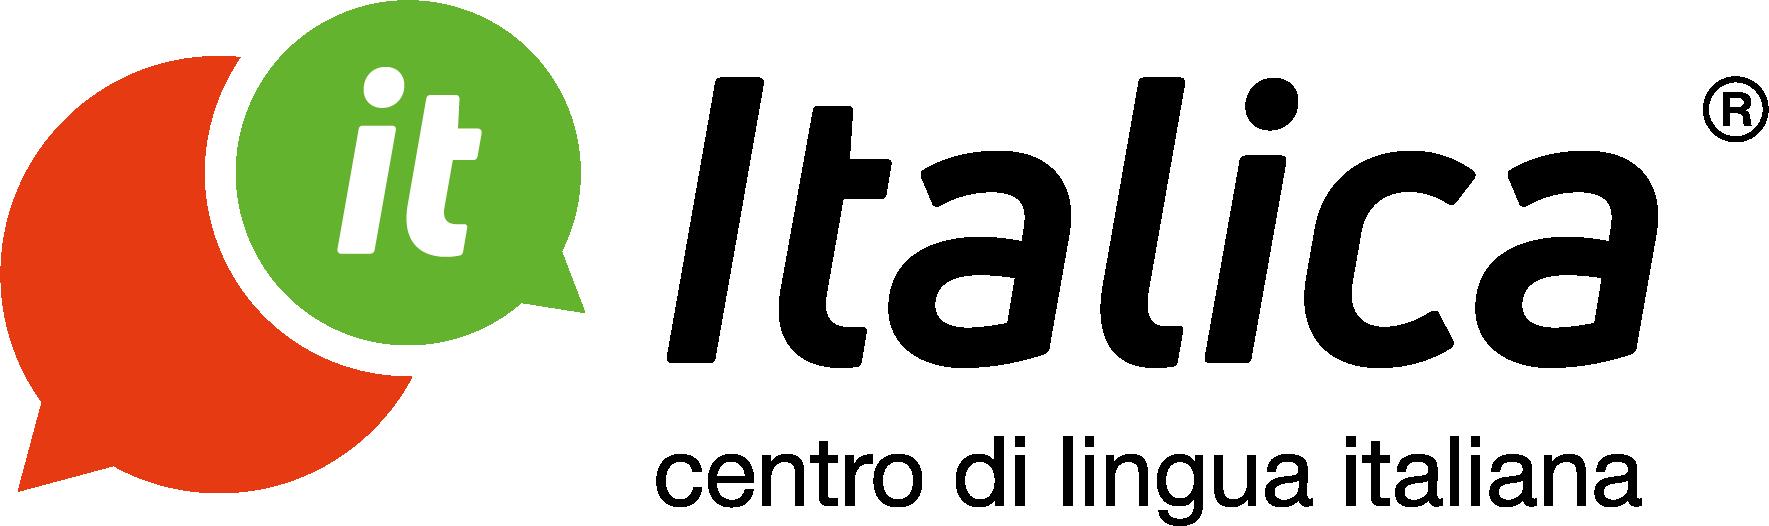 logo Centro di lingua italiana Italica